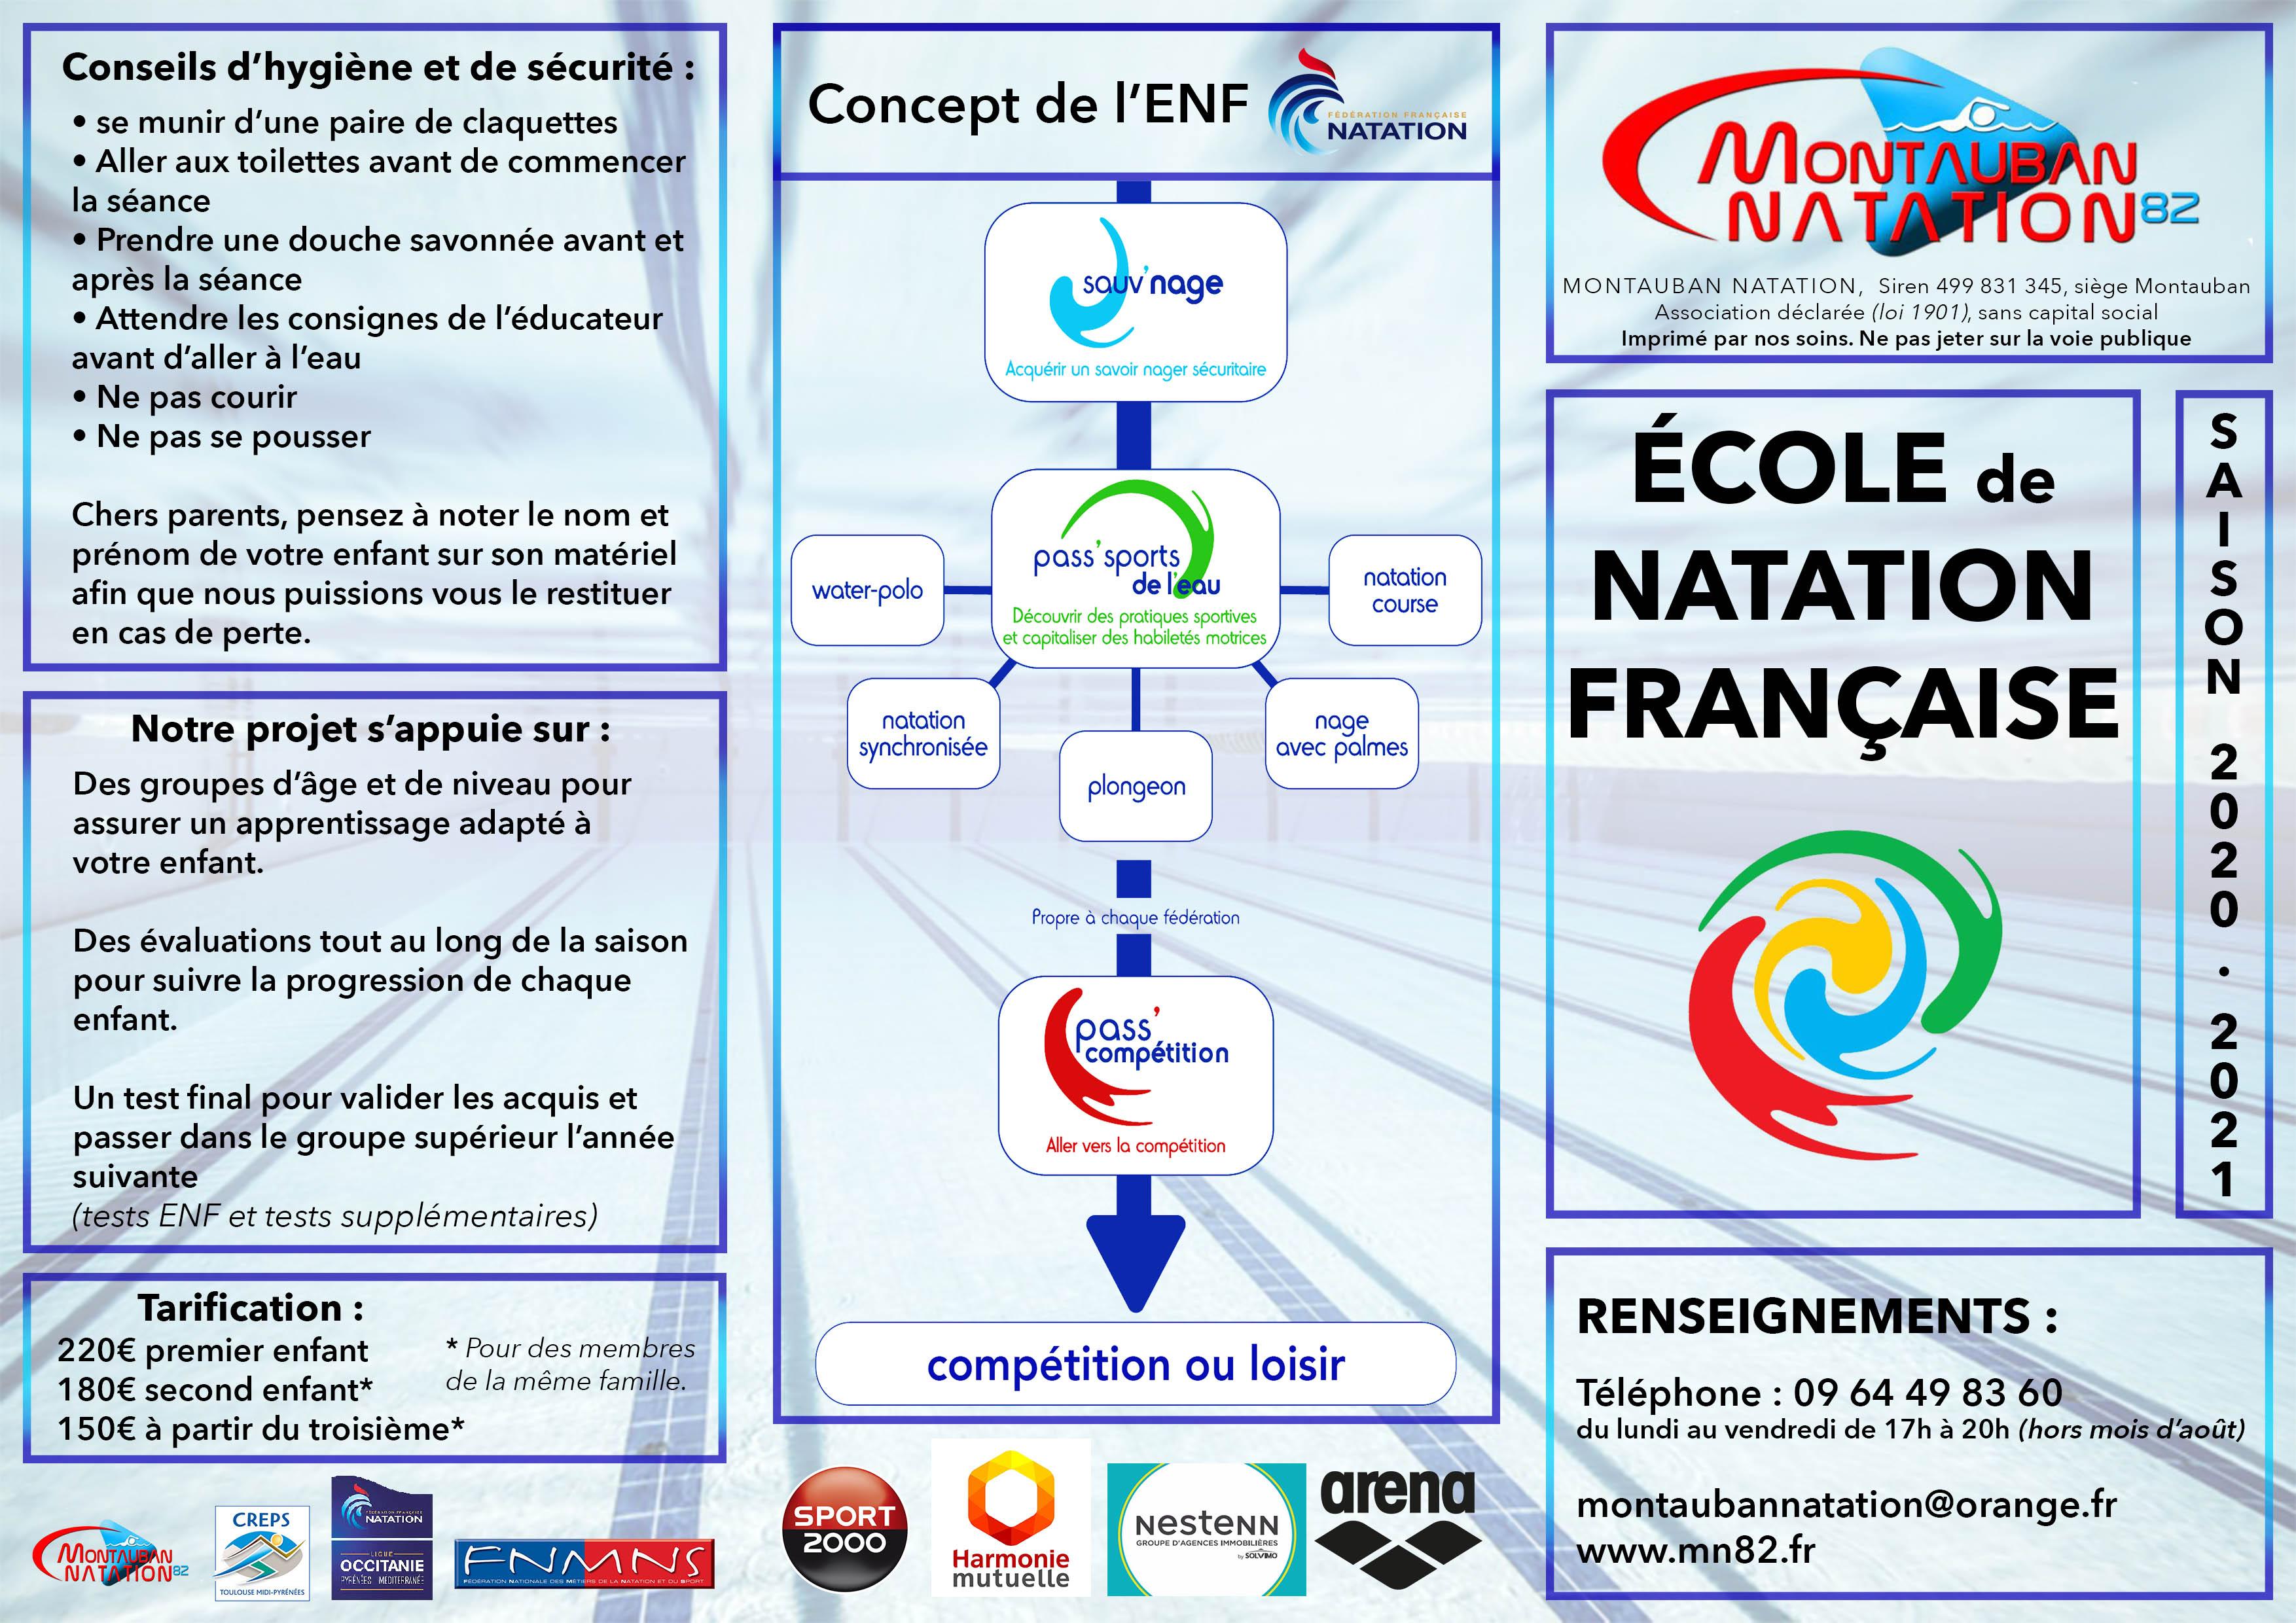 Flyer de présentation de l'École de Natation du MN82